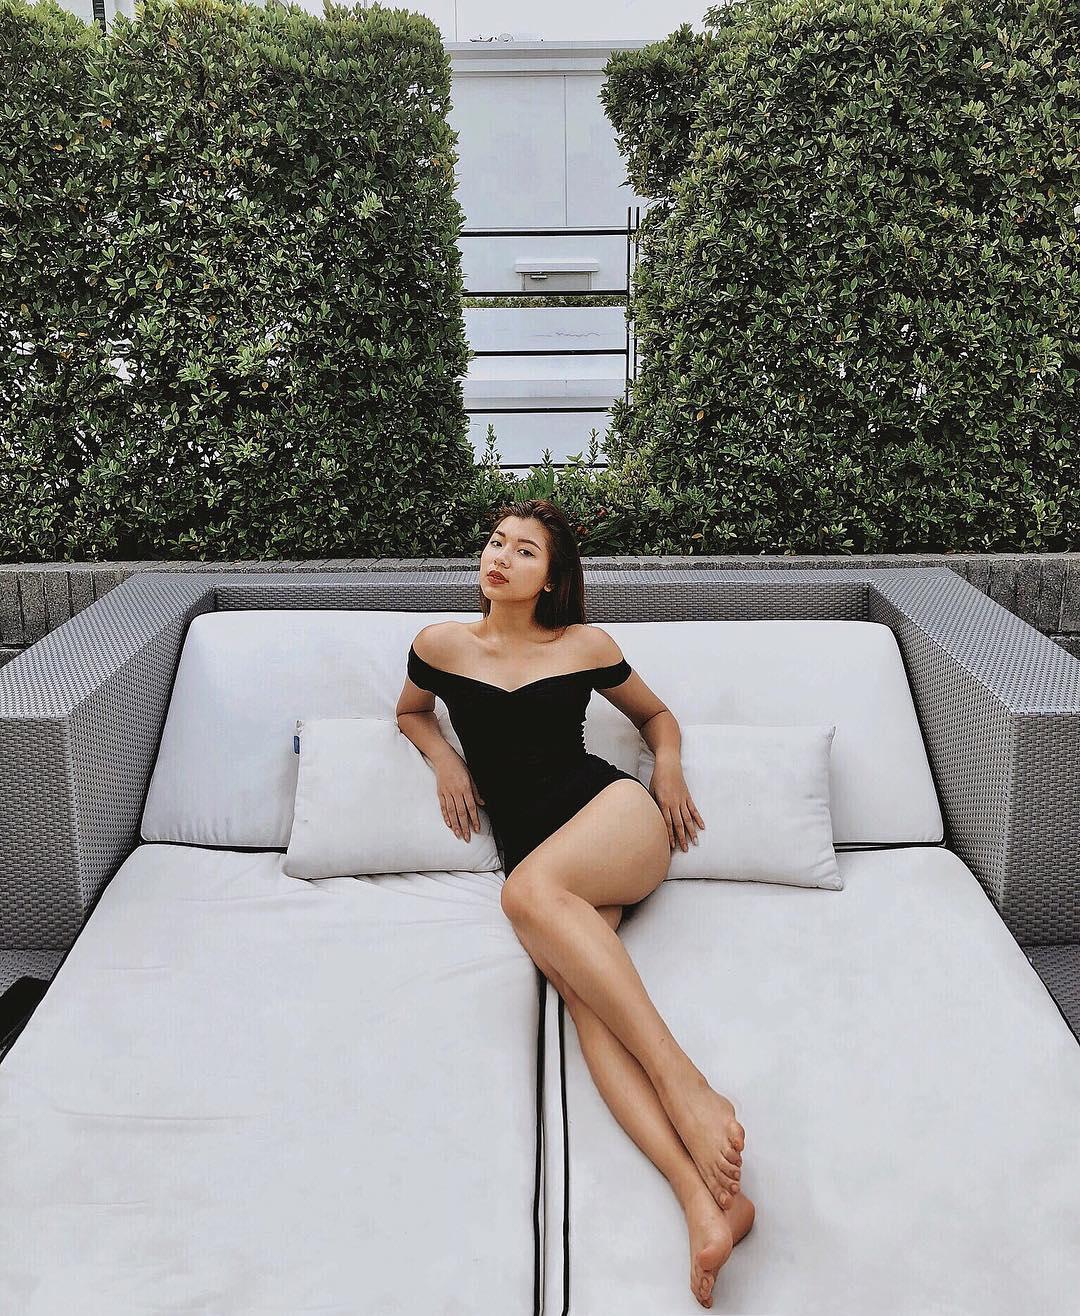 Da nâu trendy body mảnh mai, nhưng phải vì Minh Tú thì Đồng Ánh Quỳnh mới chịu diện bikini quyến rũ